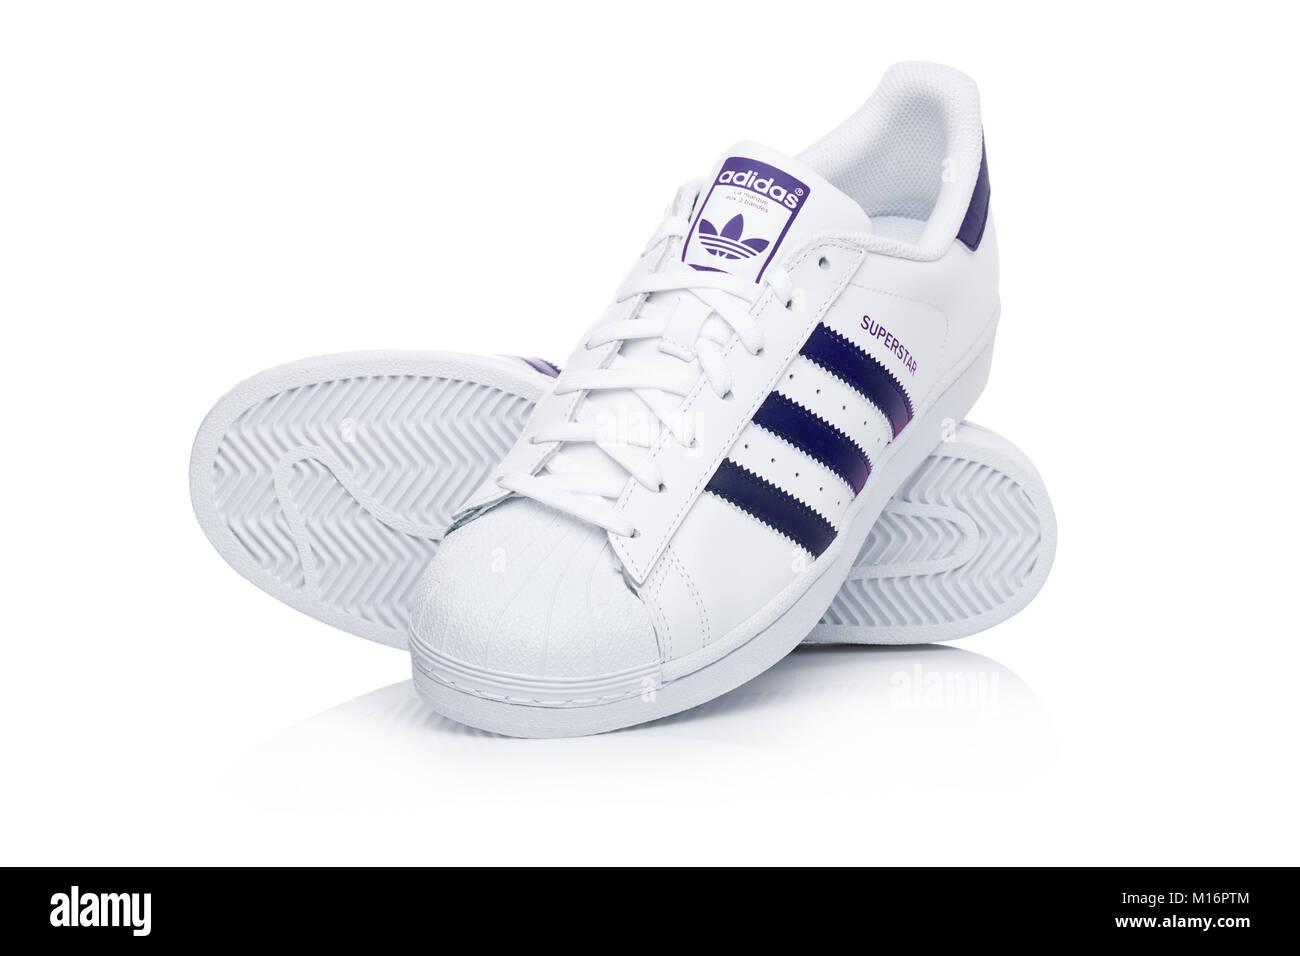 Londres, Royaume-Uni - 24 janvier 2018 : Adidas Originals Superstar chaussures bleu sur fond blanc.La multinationale allemande qui conçoit et fabrique